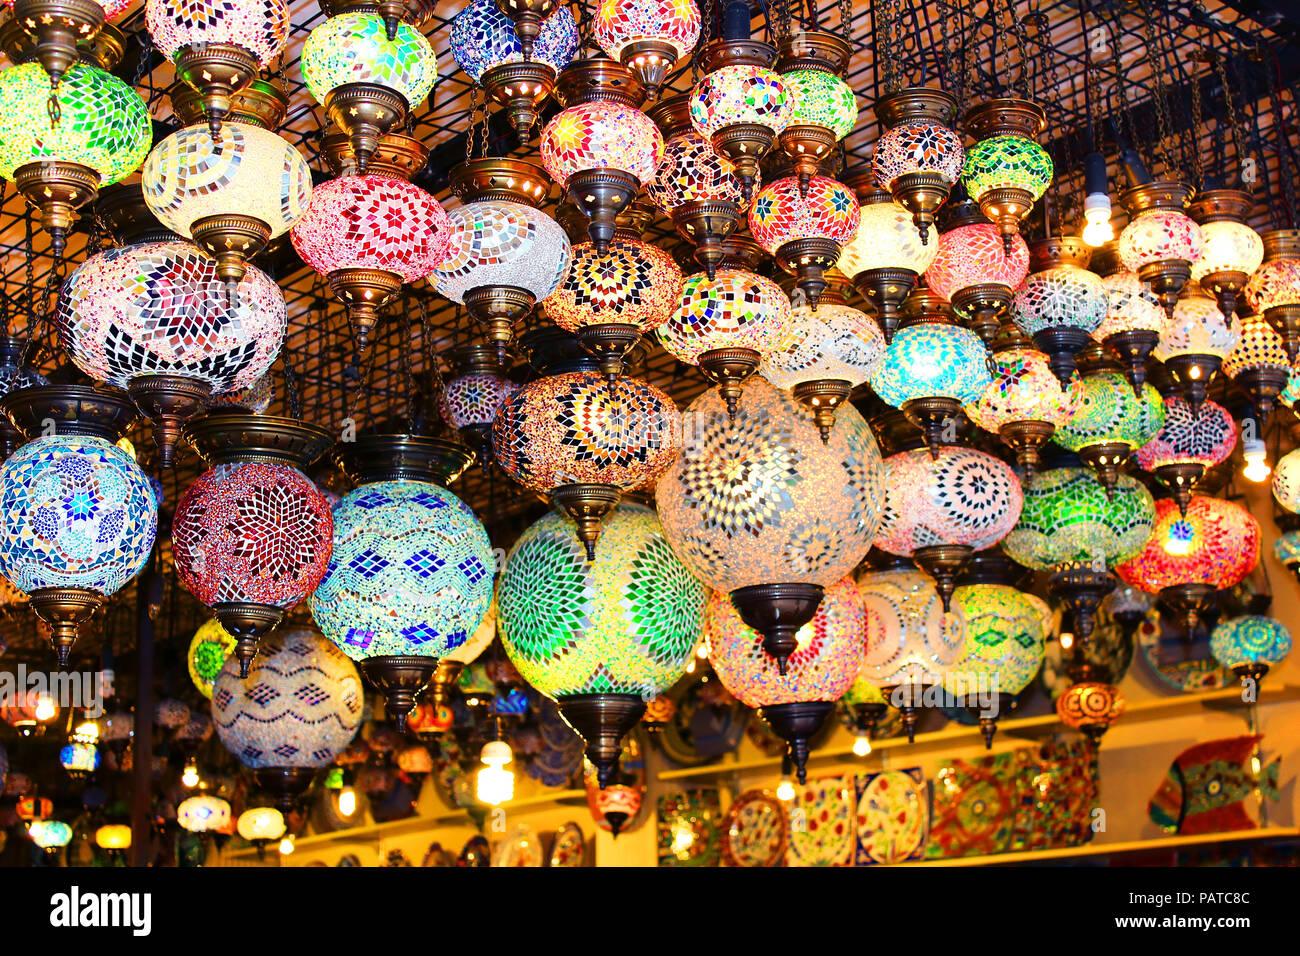 Bagno turco lampade per la vendita nel grand bazaar istanbul